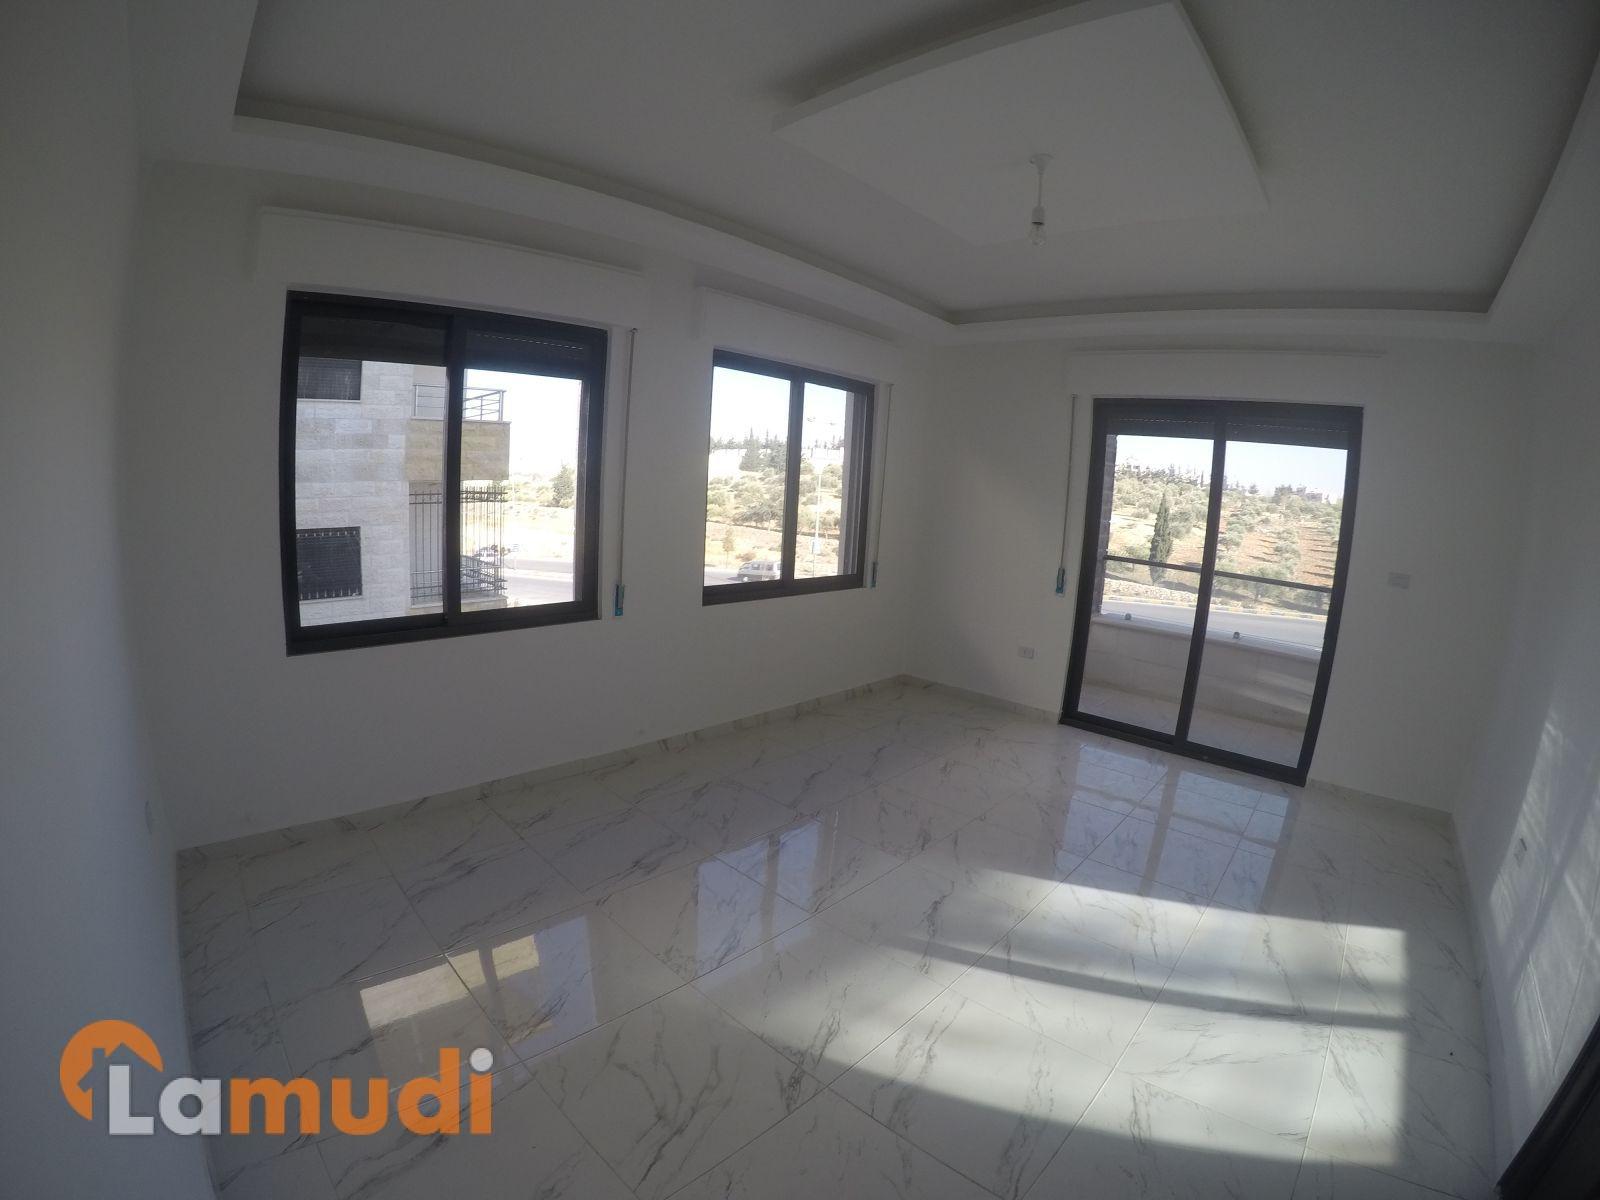 بالصور..شقة رائعة 144م بسعر51 الف قرب كارفور ابوعلندا من المالك